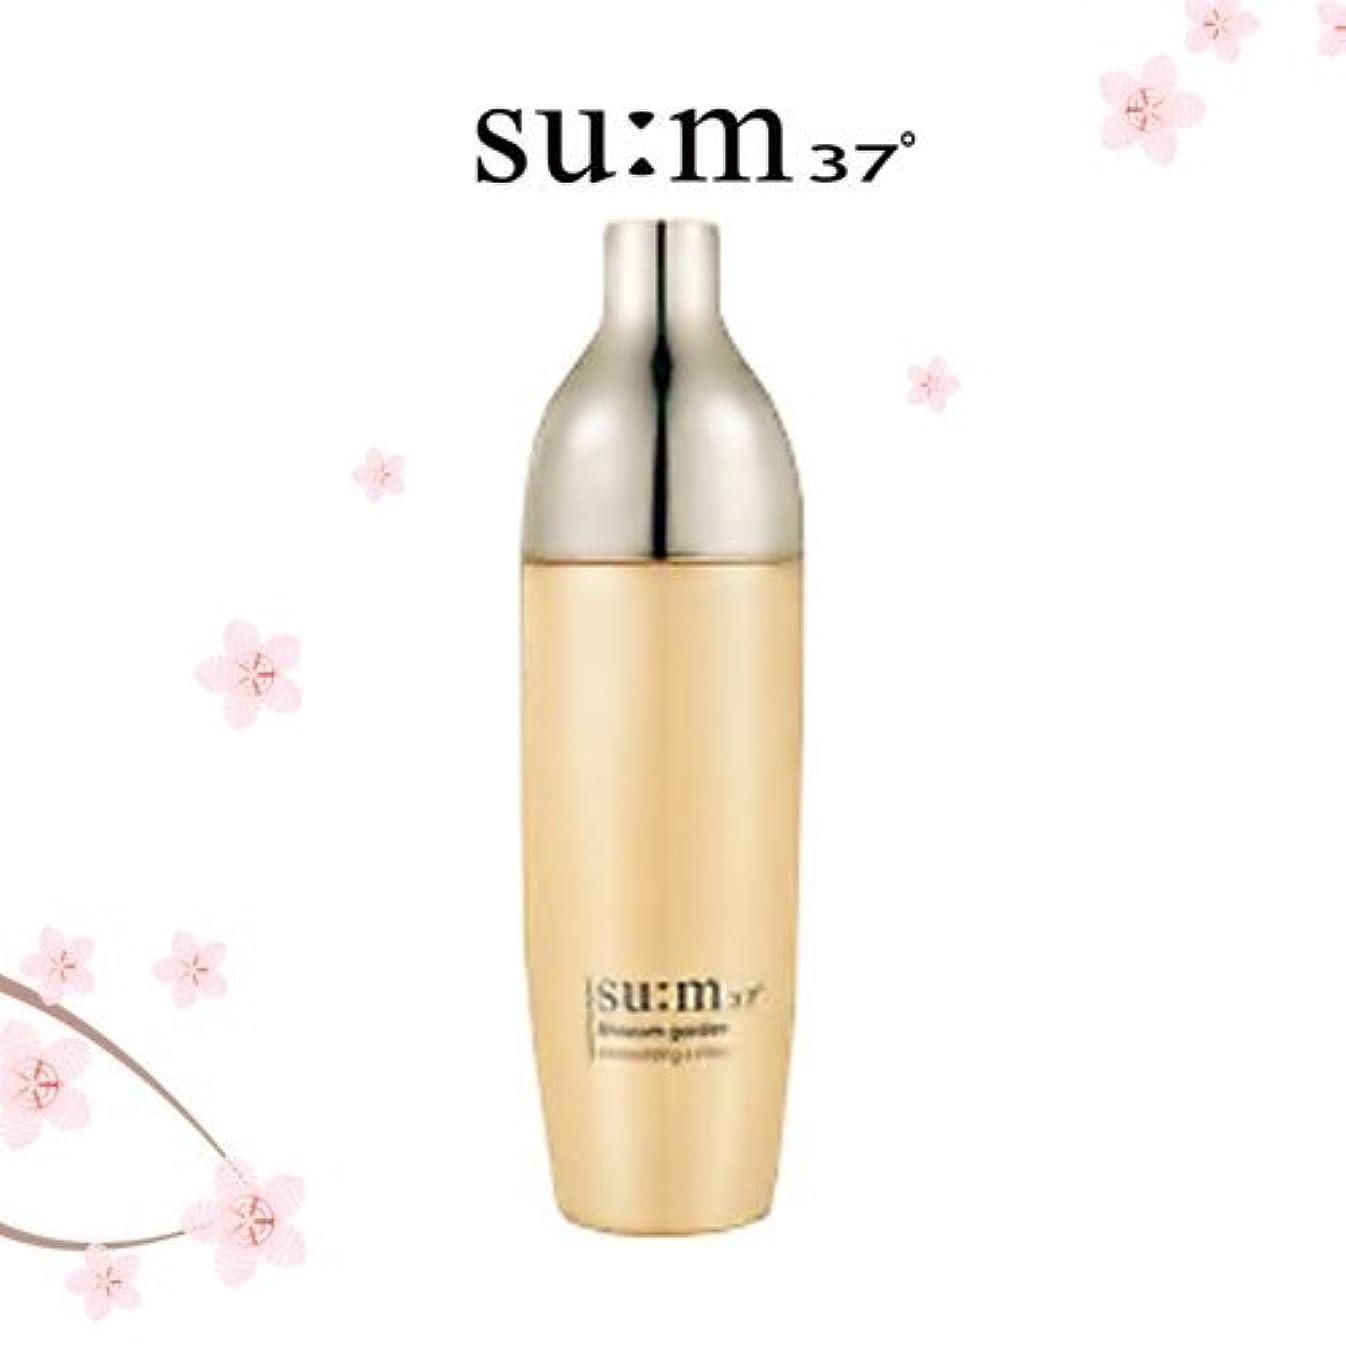 前件ミキサー感情のsum37(スム37)ブロッサムガーデンモイスチャライジングスキン155ml(blossom garden moisturizing skin)(並行輸入品)